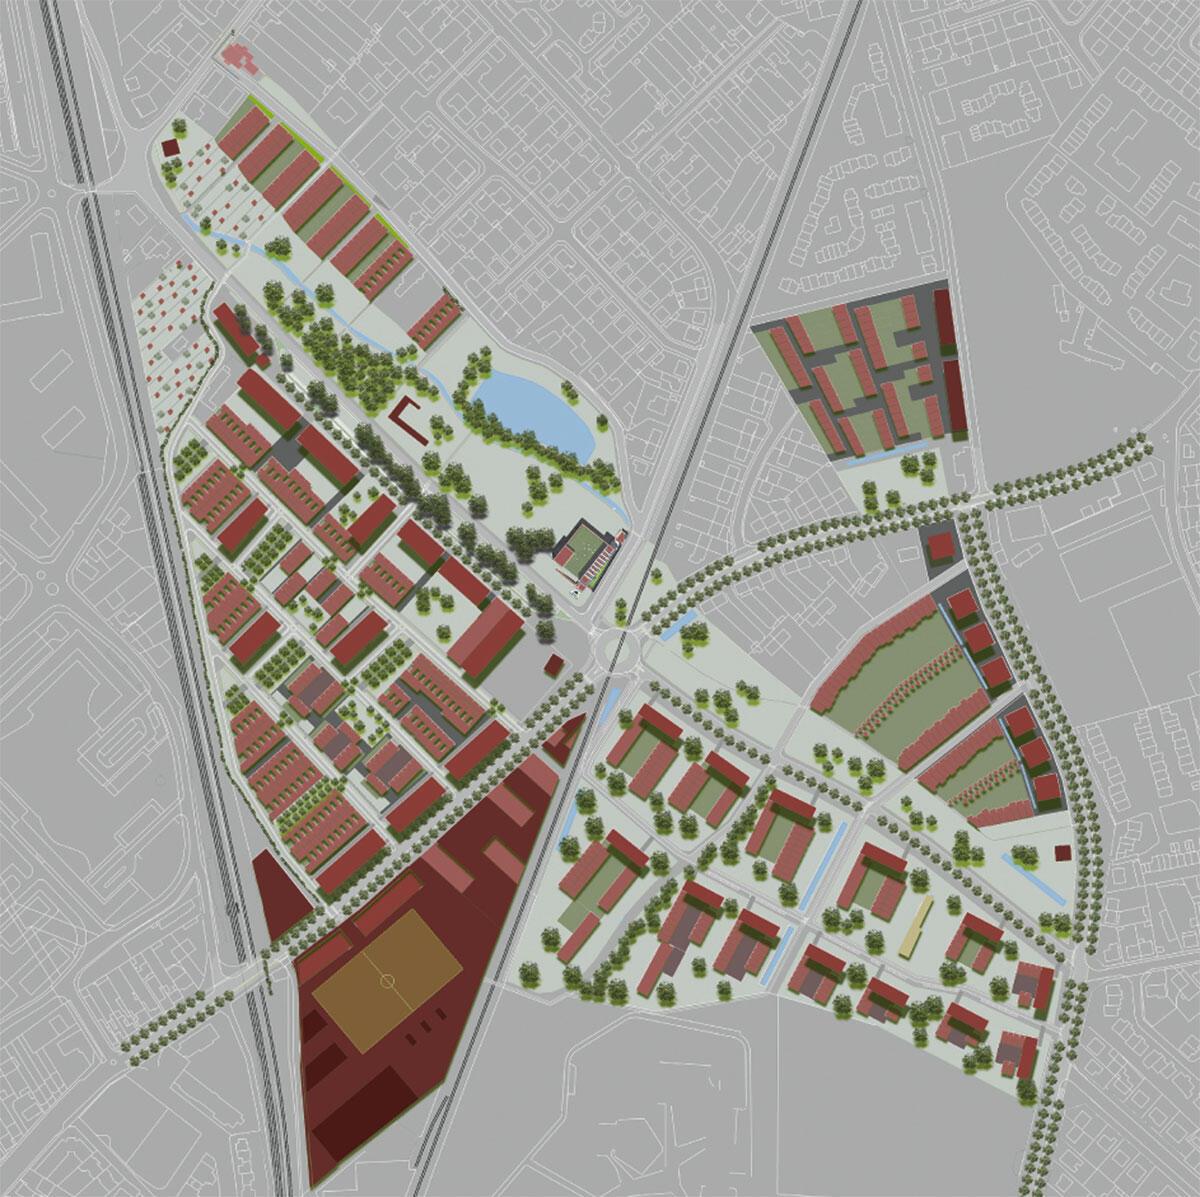 Masterplan des Eco-Quartiers ZAC Bottière Chénaie von Jean-Pierre Pranlas-Descours (Planung) sowie Anna-Sylvie Bruel und Christophe Delmar (Landschaftsgestaltung).